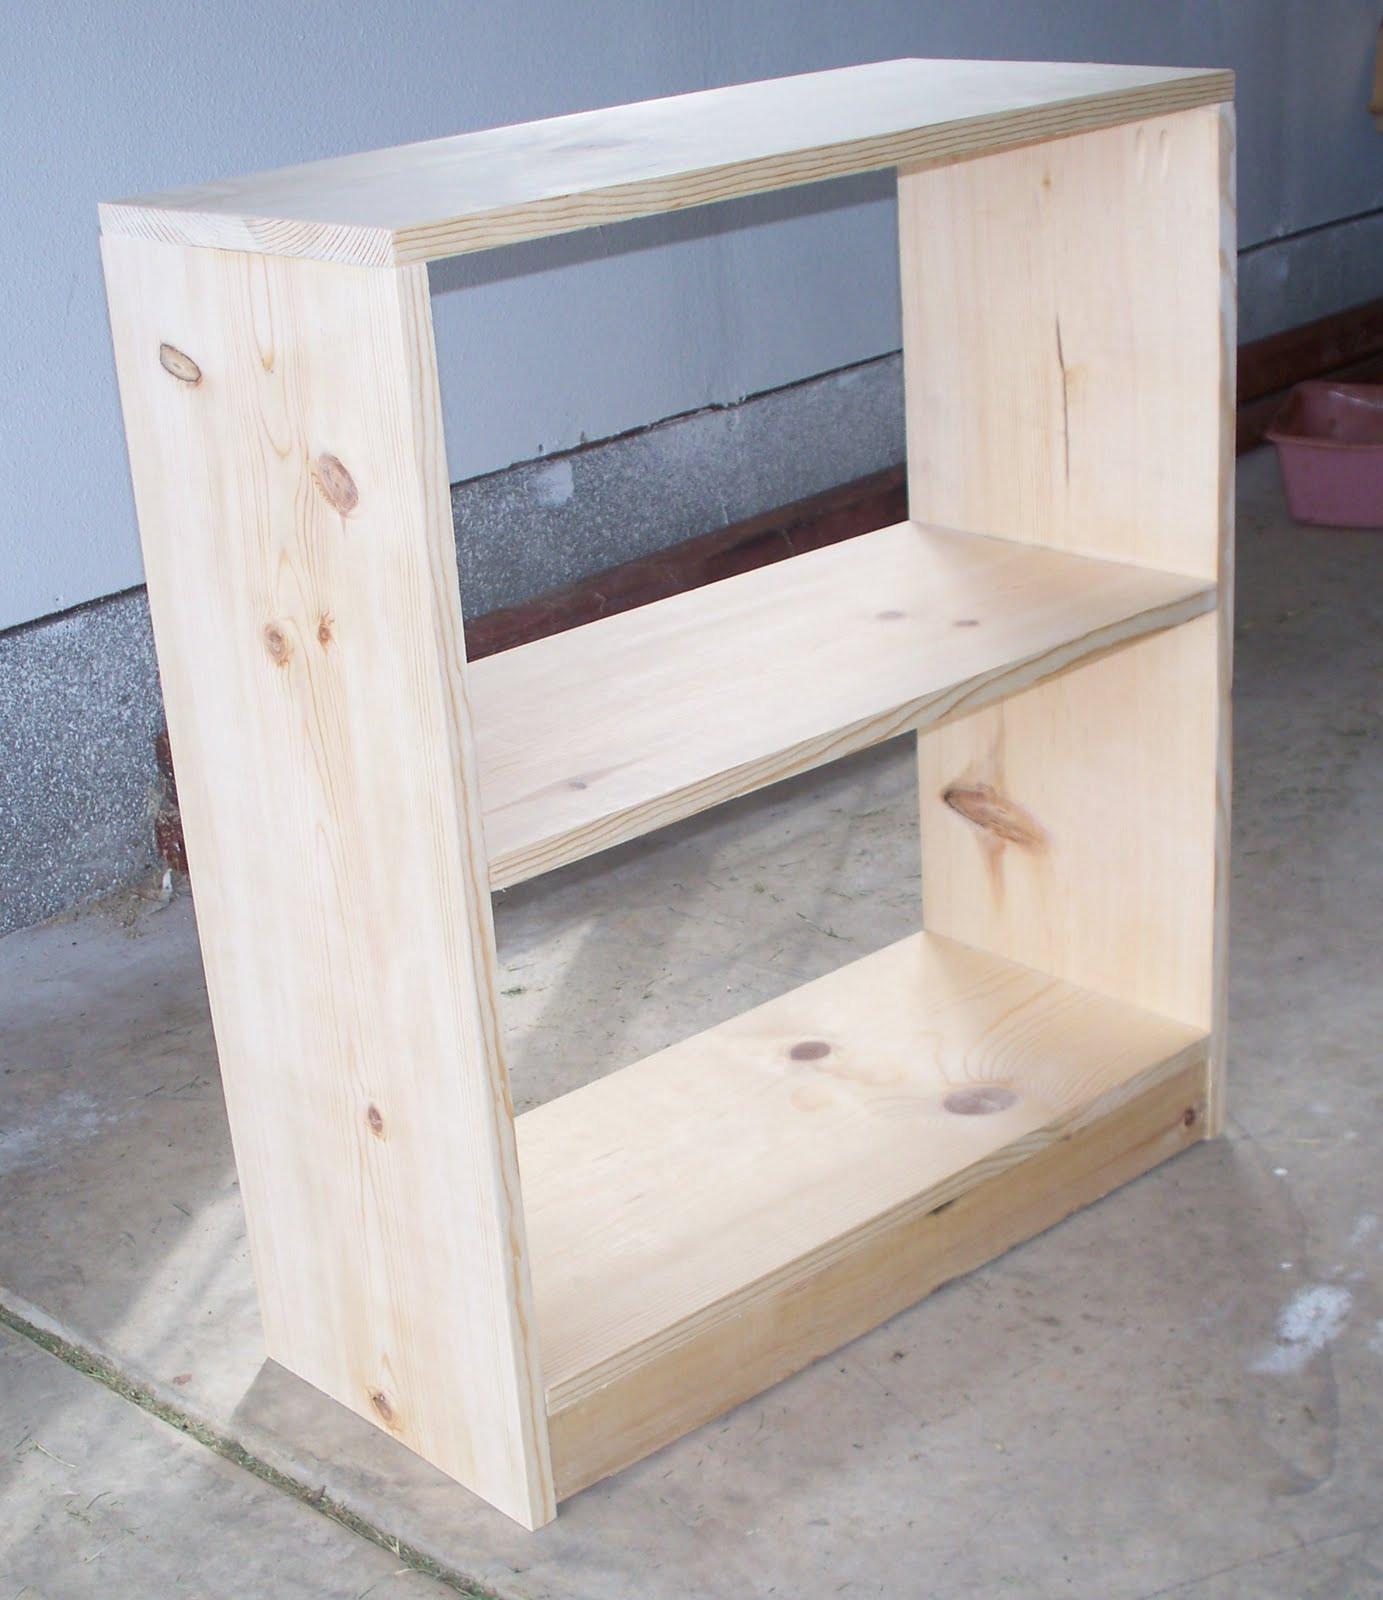 DIY Bookshelf Plans  I Built It Myself Bookshelf Adventures of a DIY Mom